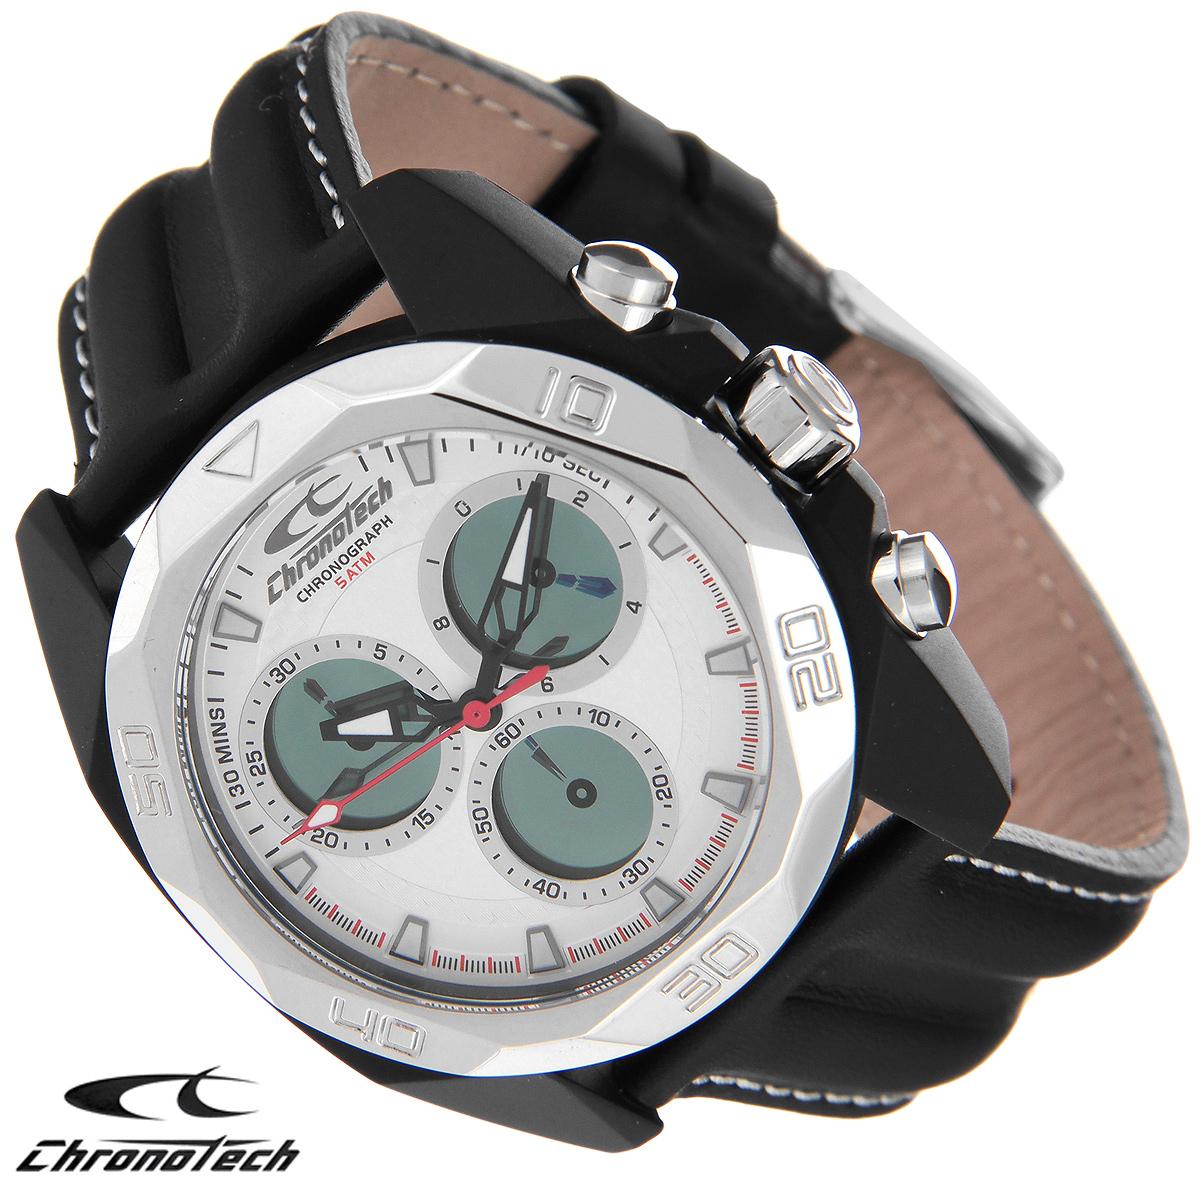 Часы мужские наручные Chronotech, цвет: черный. RW0062BM8434-58AEЧасы Chronotech - это часы для современных и стильных людей, которые стремятся выделиться из толпы и подчеркнуть свою индивидуальность. Корпус часов выполнен из нержавеющей стали с IP-покрытием. Циферблат оформлен отметками и защищен минеральным стеклом. Часы имеют три стрелки - часовую, минутную и секундную. Стрелки и отметки светятся в темноте. Часы оснащены функцией хронографа и имеют секундомер. Ремешок часов выполнен из натуральной кожи с контрастной отстрочкой и застегивается на классическую застежку. Часы упакованы в фирменную коробку с логотипом компании Chronotech. Такой аксессуар добавит вашему образу стиля и подчеркнет безупречный вкус своего владельца.Характеристики: Диаметр циферблата: 3,3 см.Размер корпуса: 4,3 см х 4,8 см х 1,2 см.Длина ремешка (с корпусом): 25 см.Ширина ремешка: 2,1 см.